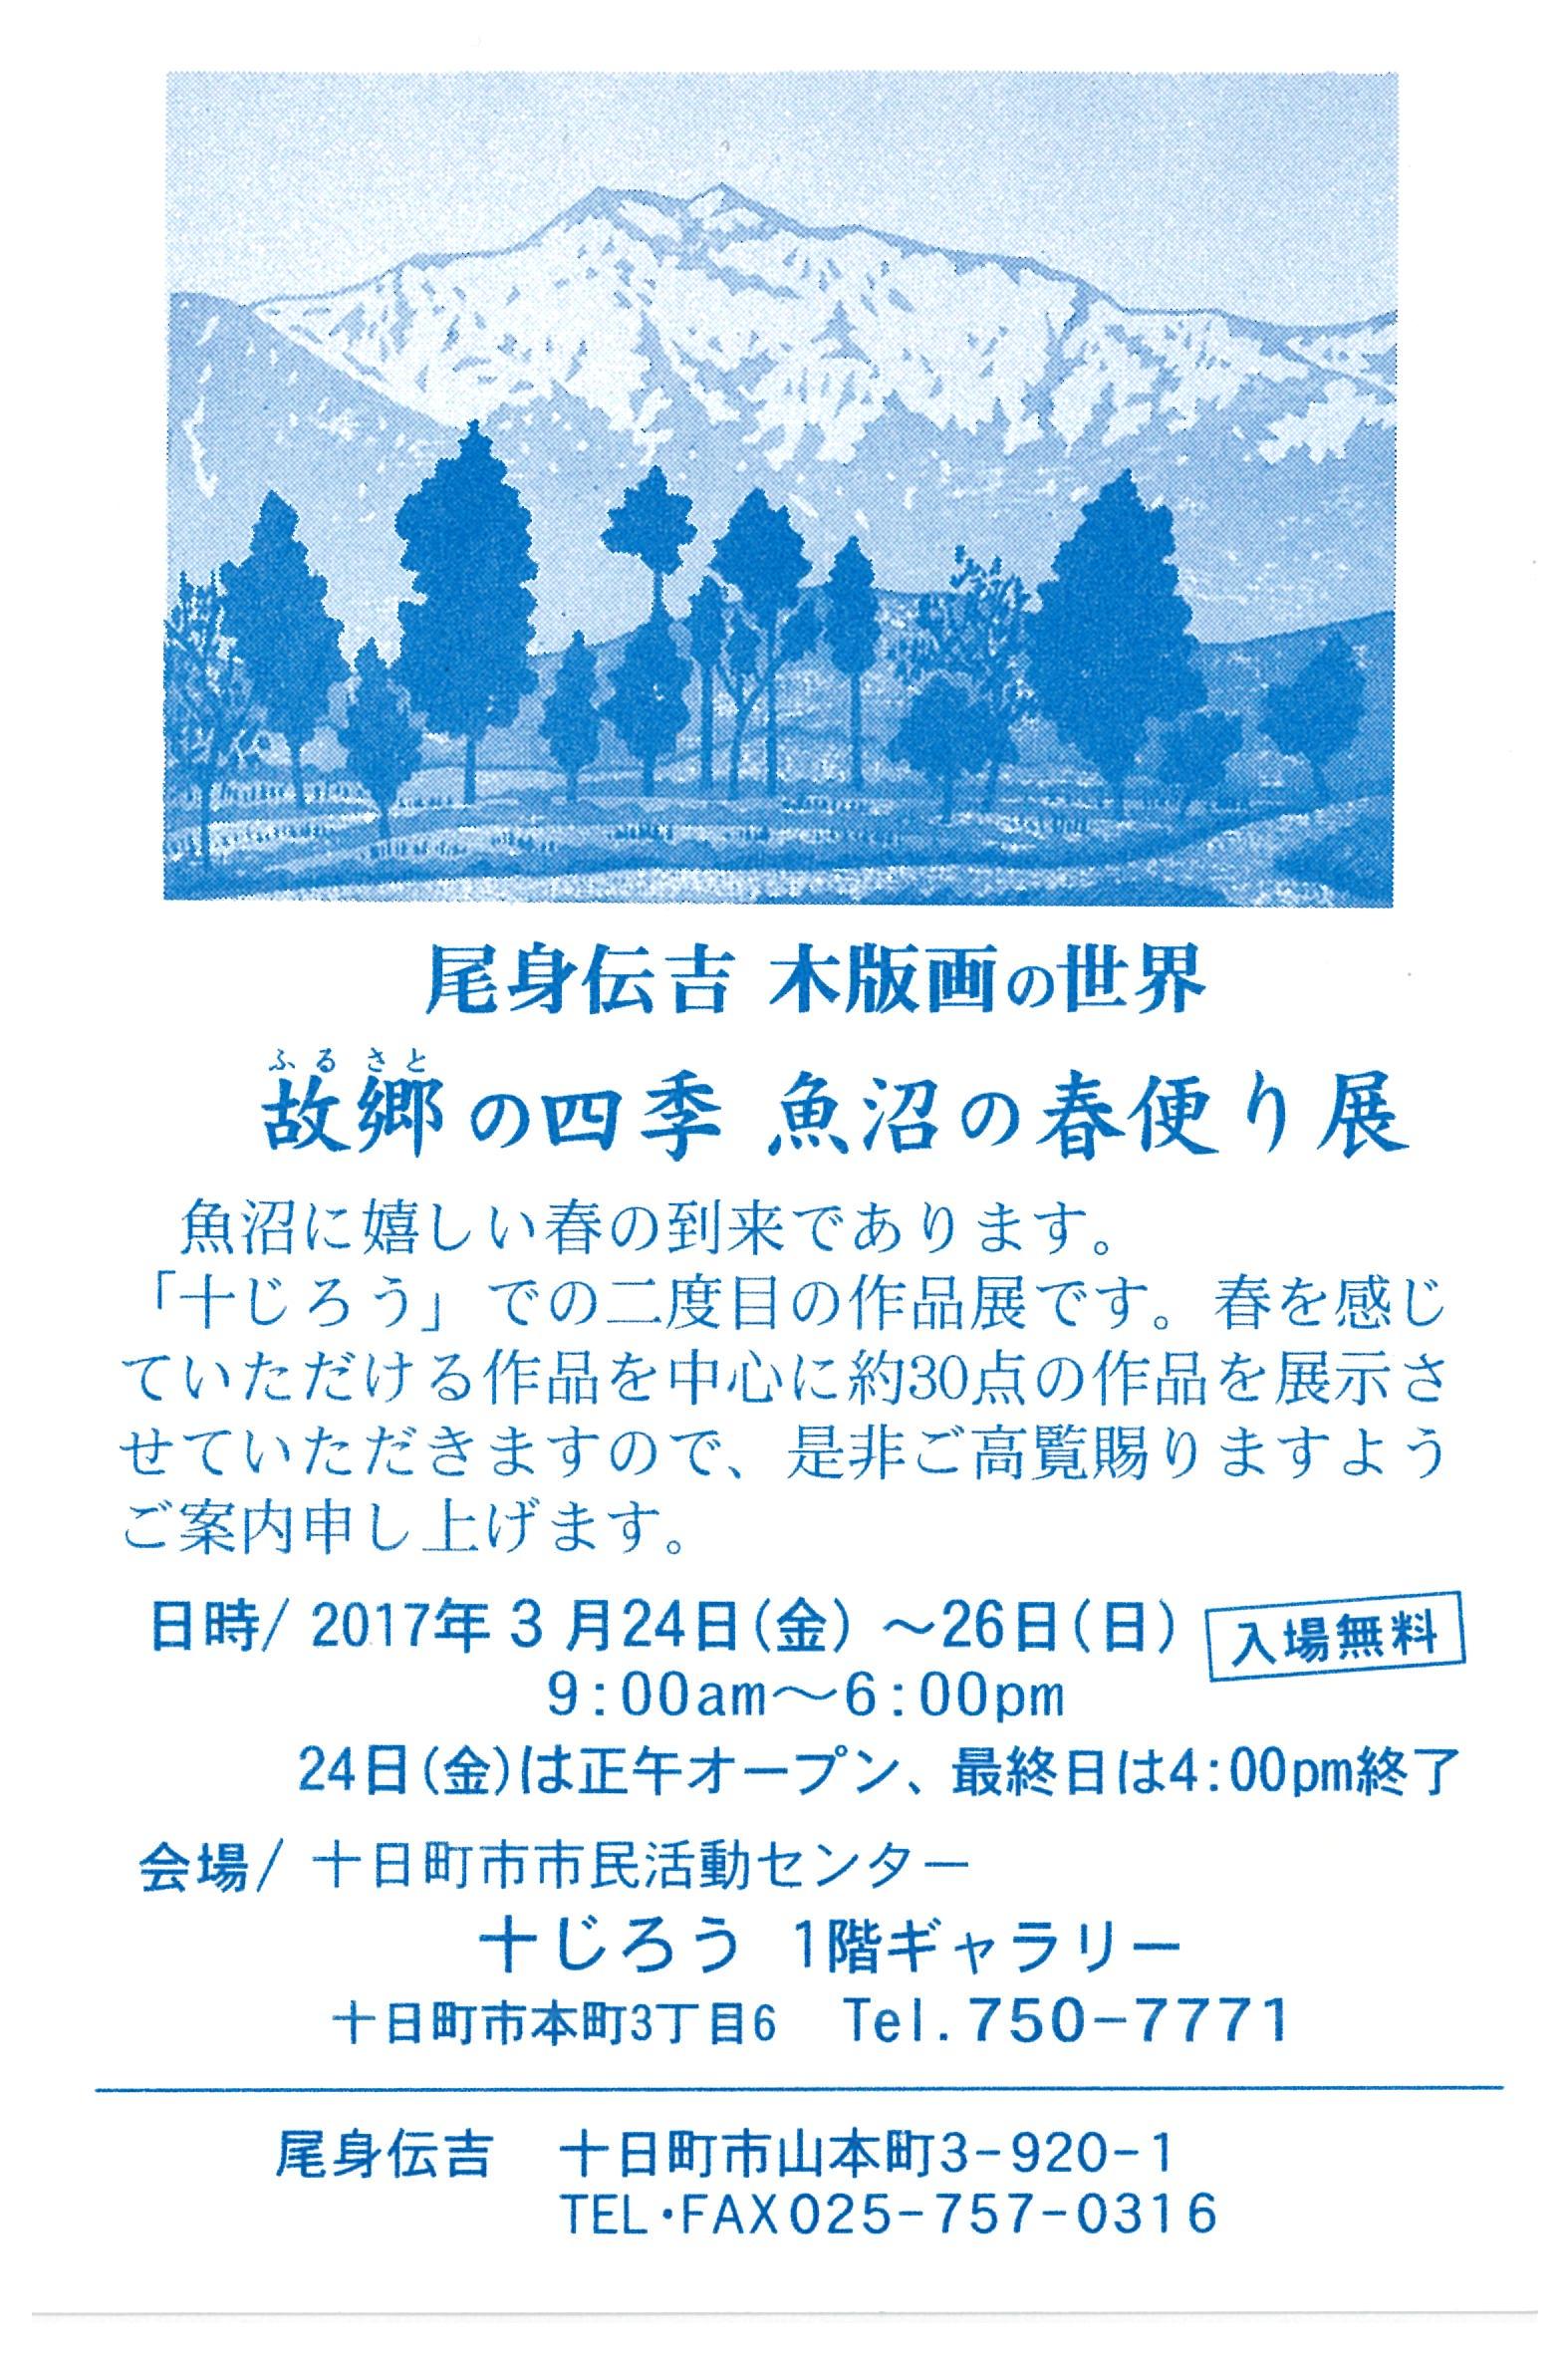 尾身伝吉 木版画の世界 故郷の四季 魚沼の春便り展